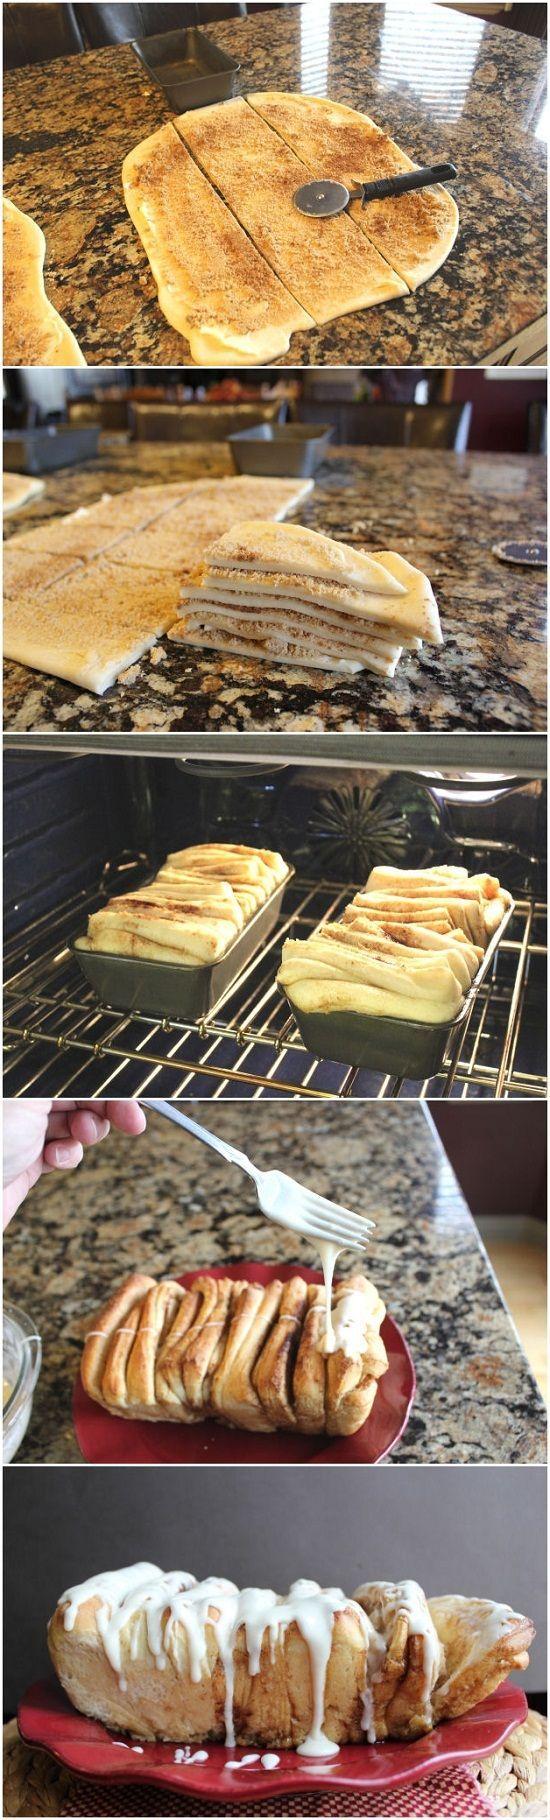 Cinnamon Pull Apart Bread I'd like to make this with orange cinnamon instead.